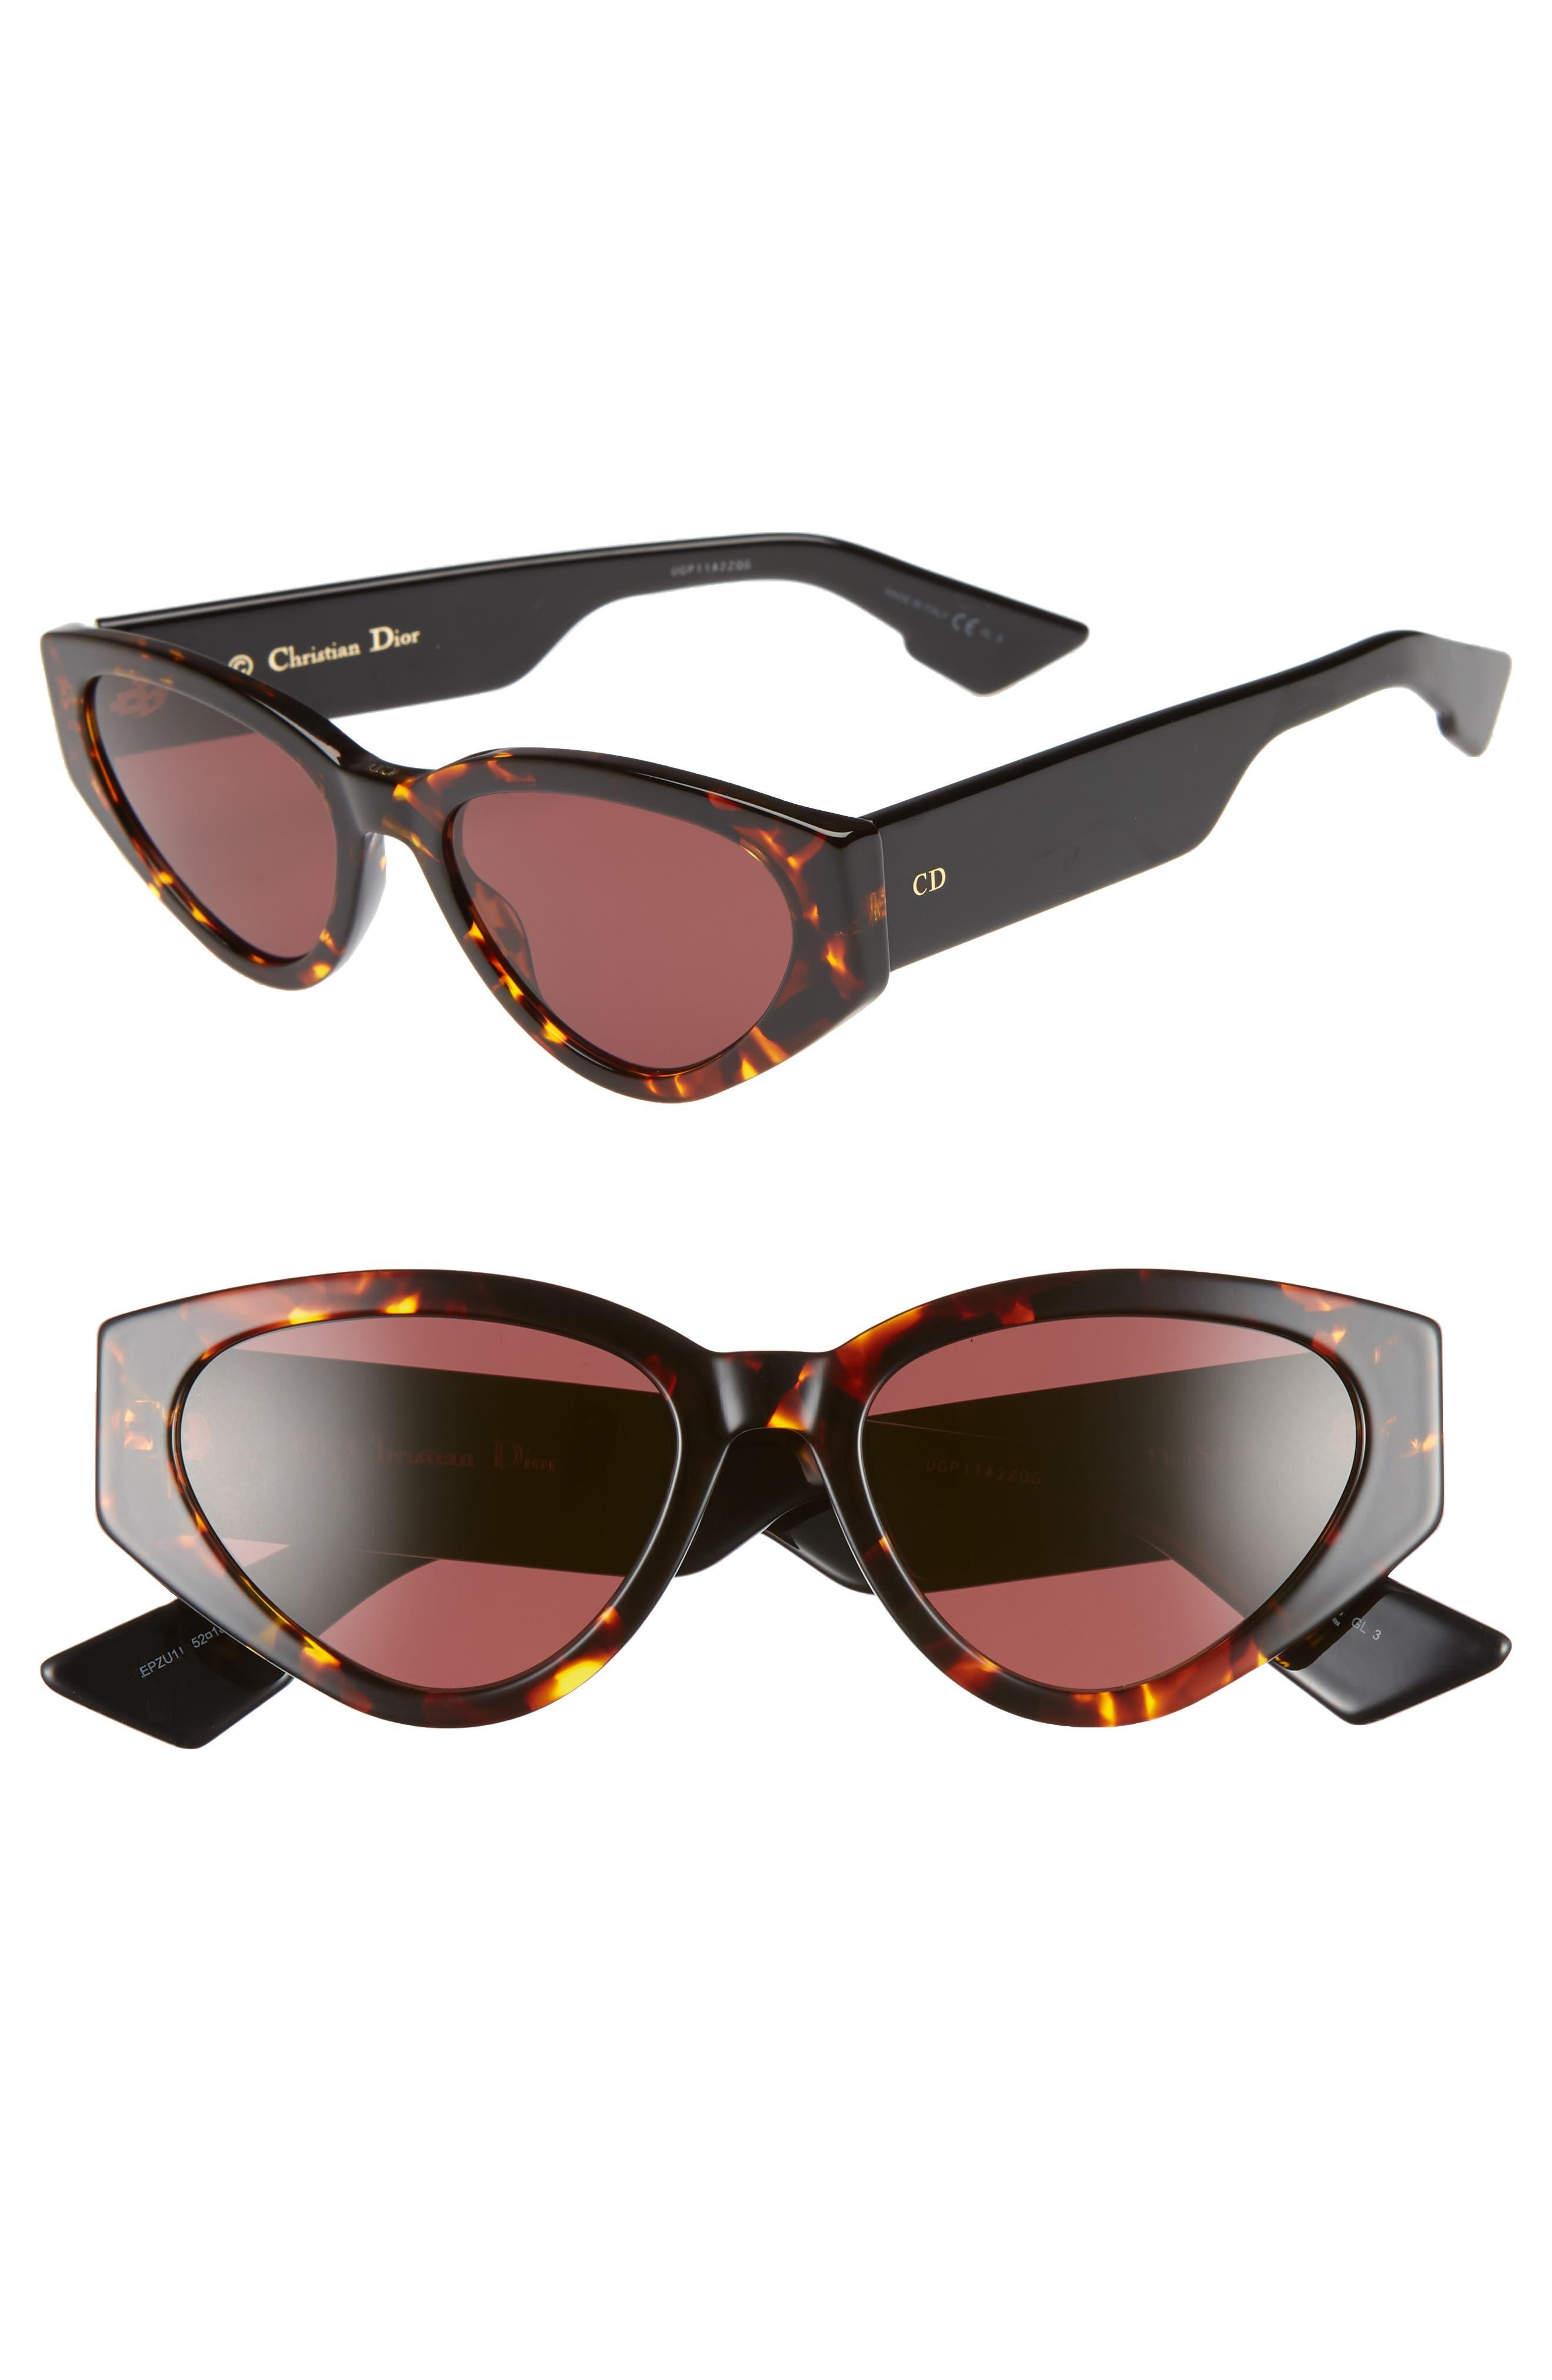 e35a0165e8f4 Women's Dior Accessories | Nordstrom